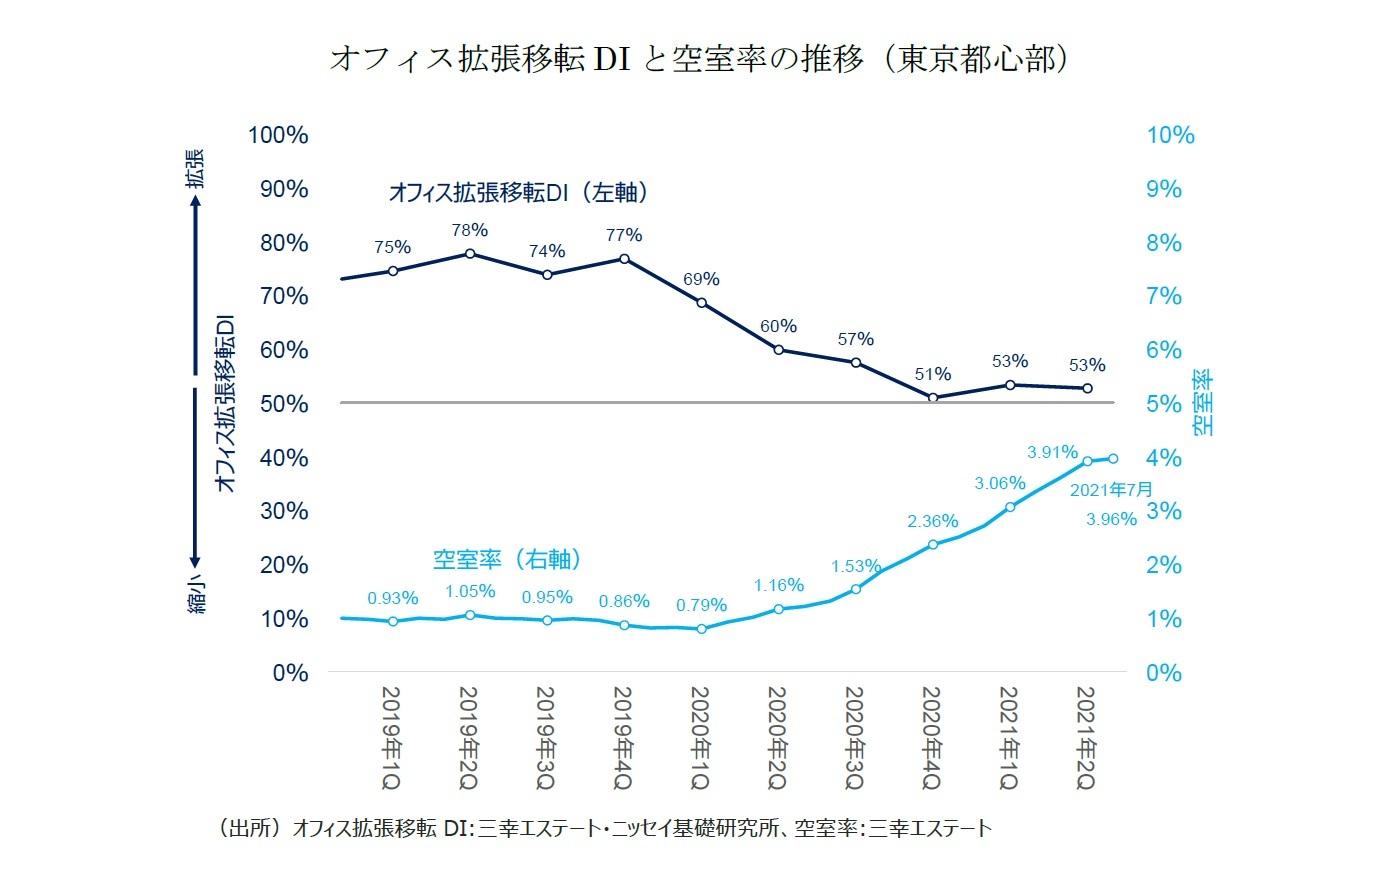 オフィス拡張移転DIと空室率の推移(東京都心部)